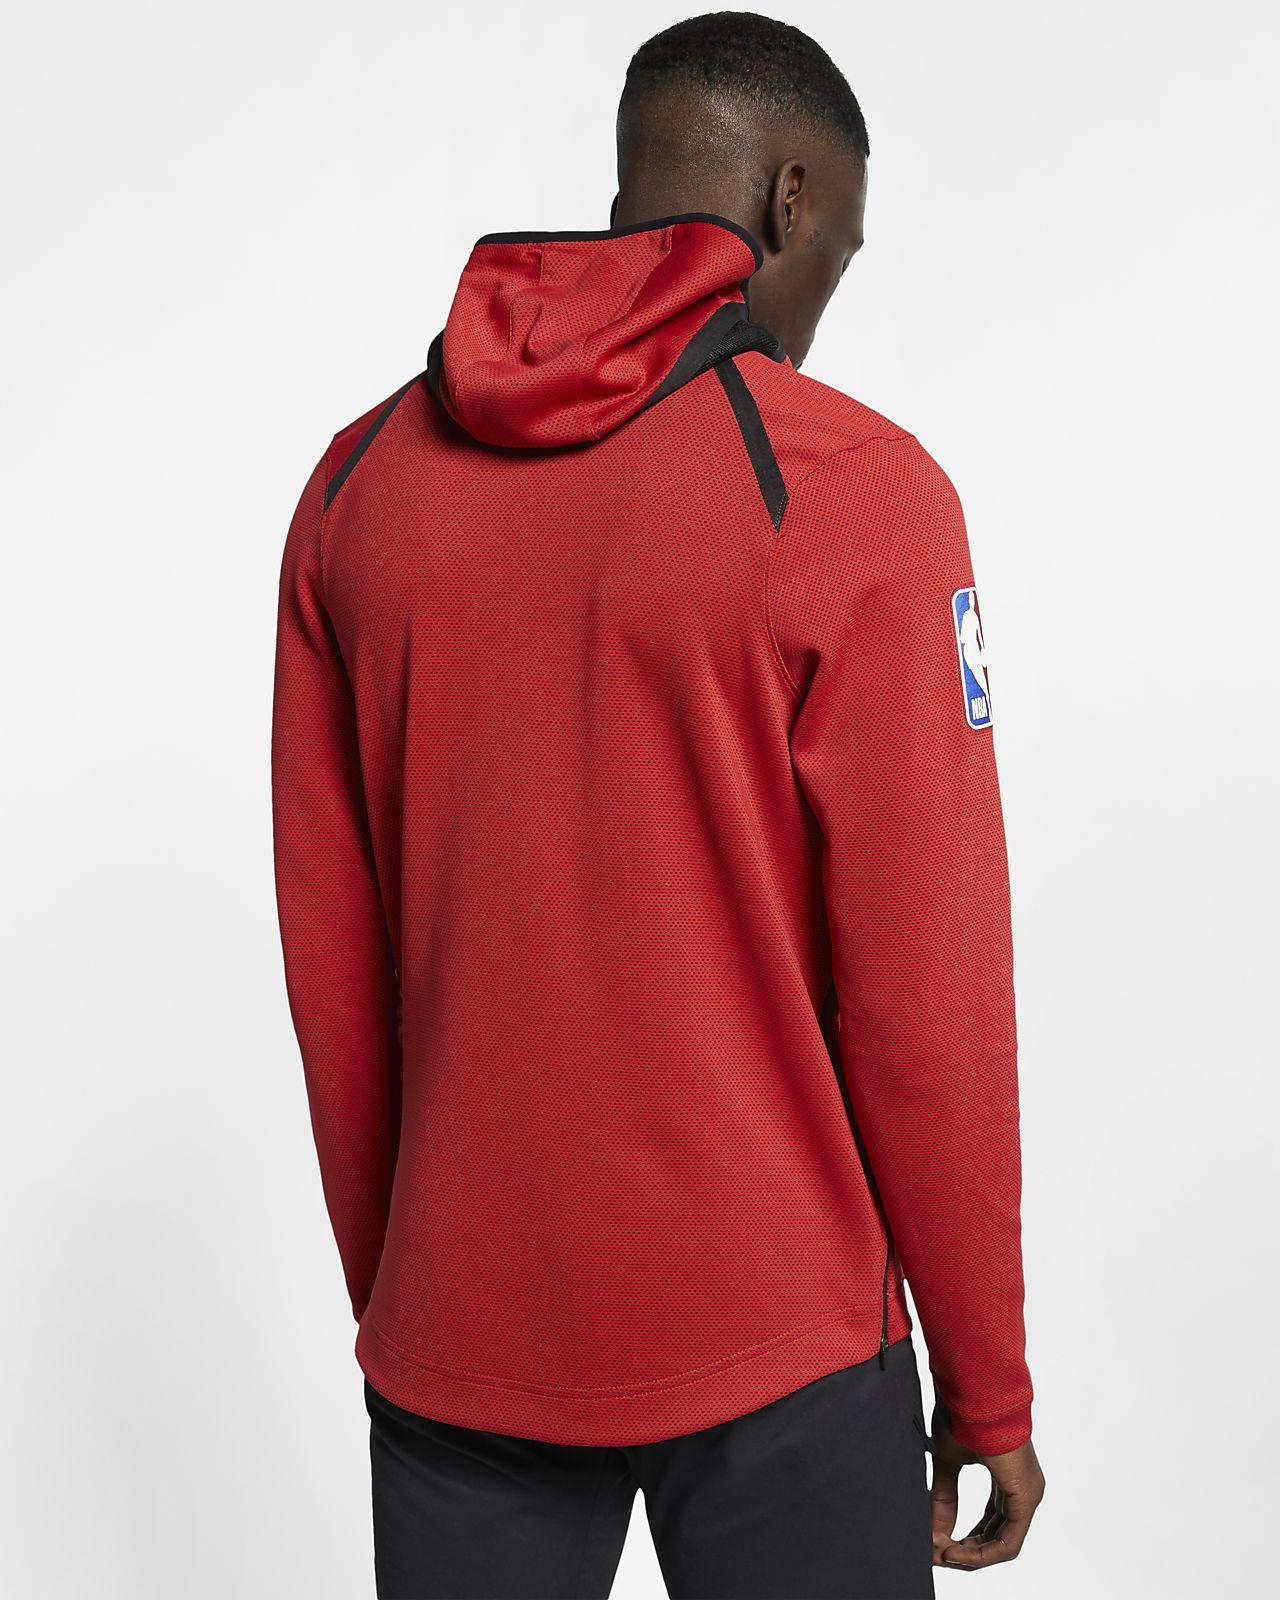 Veste NBA Showtime Chicago Bulls Nike Junior